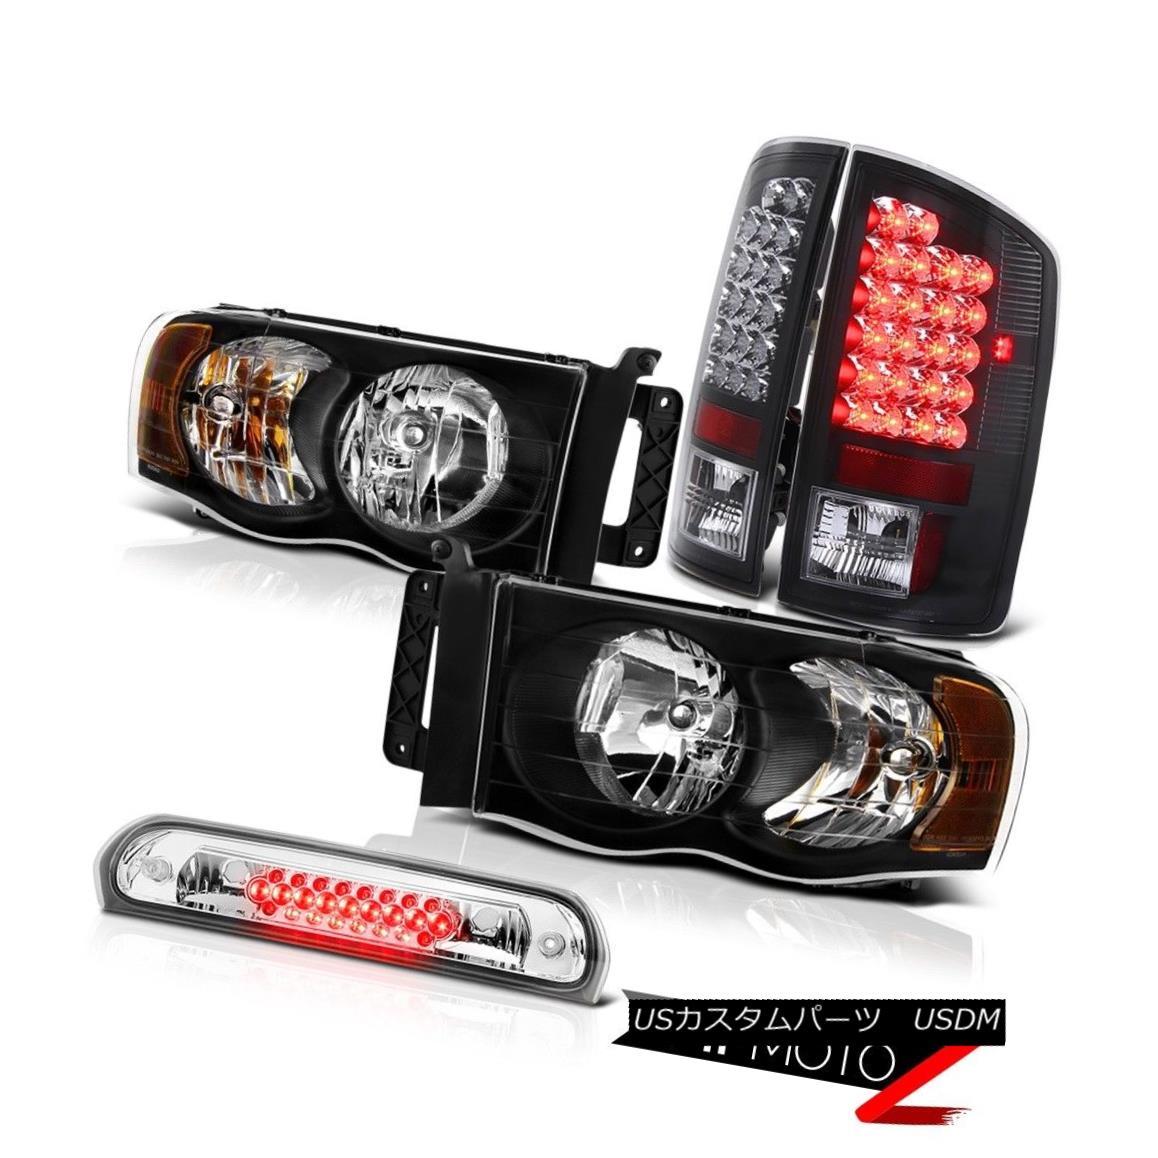 ヘッドライト Black Headlamps SMD Brake Tail Lights High Stop LED Chrome 02 03 04 05 Ram V8 ブラックヘッドランプSMDブレーキテールライトハイストップLED Chrome 02 03 04 05 Ram V8